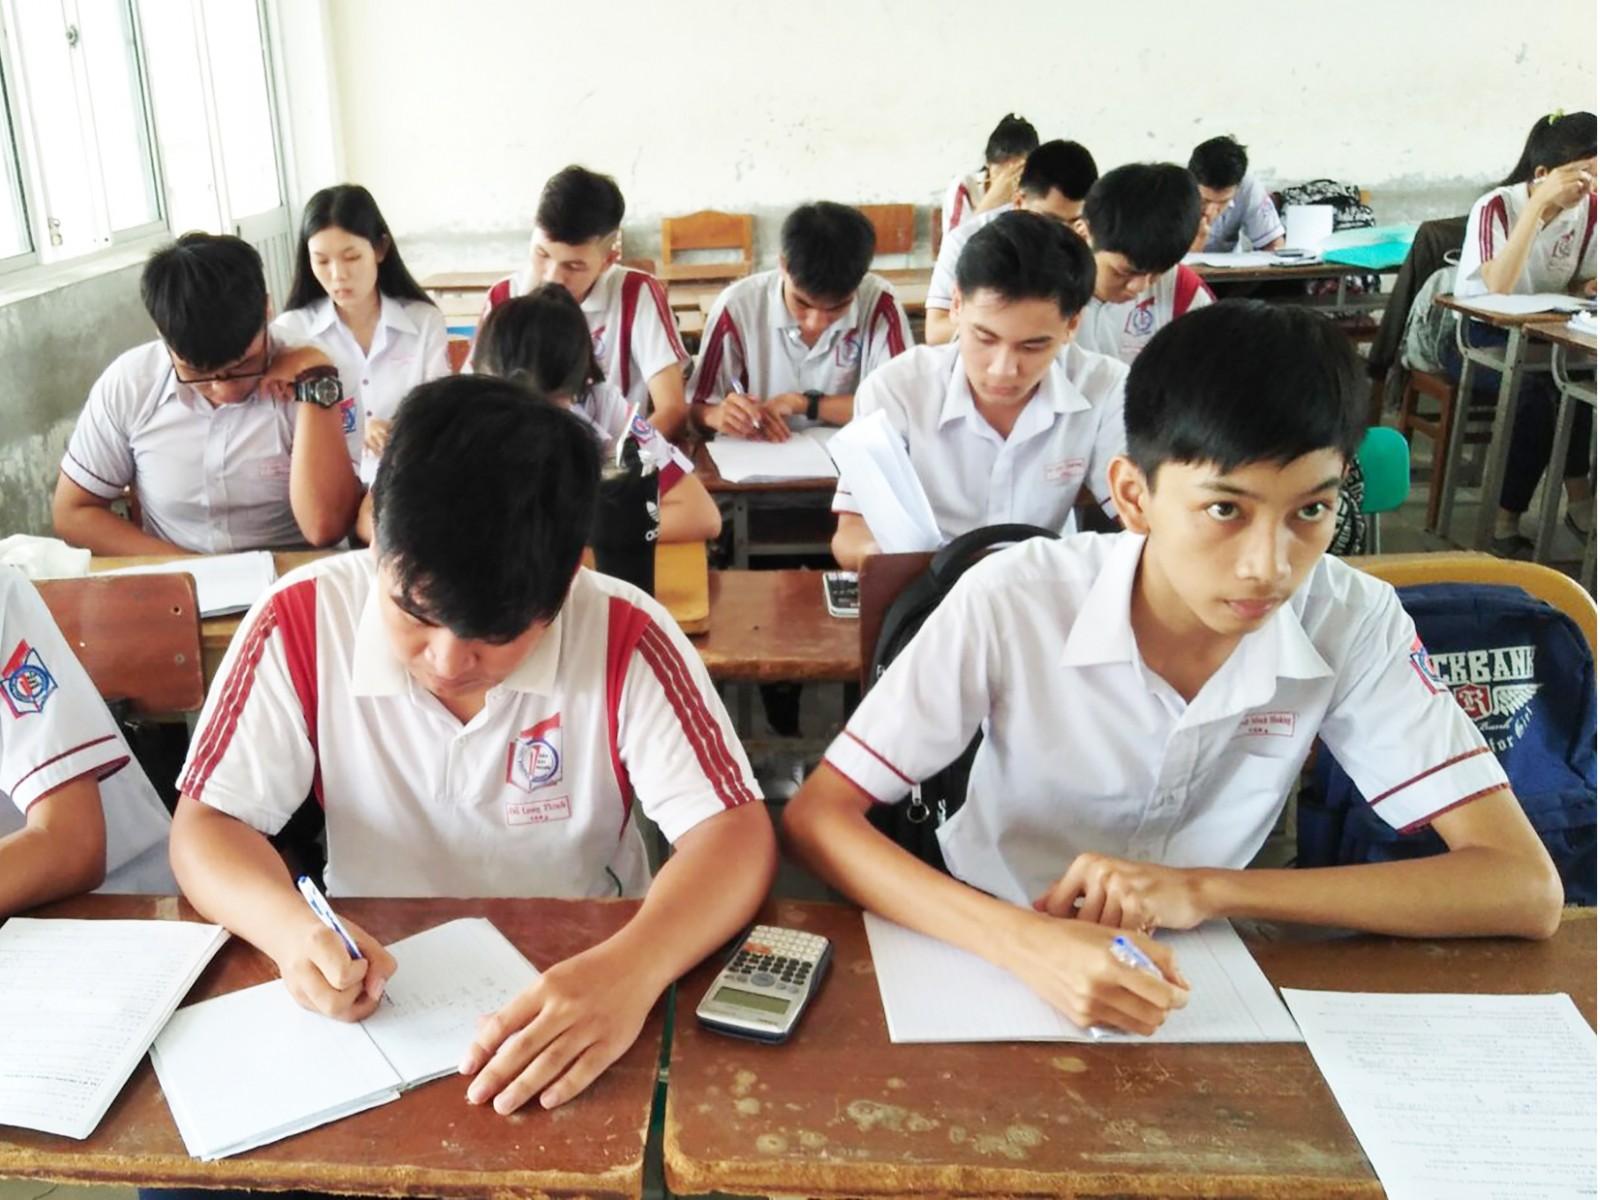 Học sinh lớp 12 Trường THPT Trần Đại Nghĩa ôn thi, chuẩn bị tốt cho Kỳ thi THPT Quốc gia sắp tới.